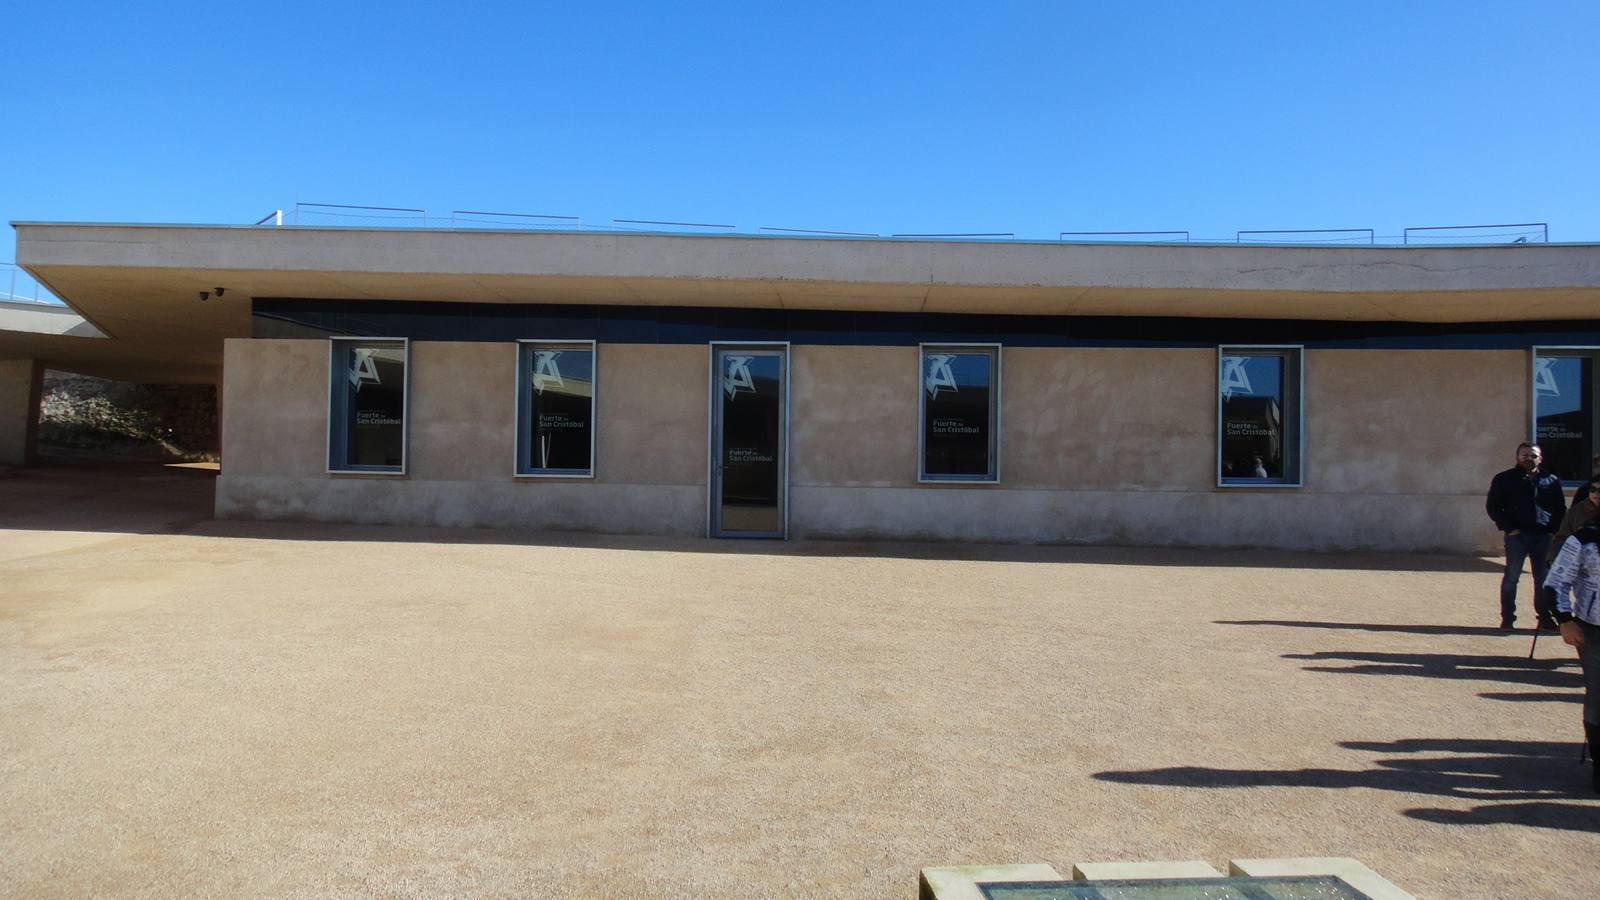 El Fuerte San Cristobal de Badajoz